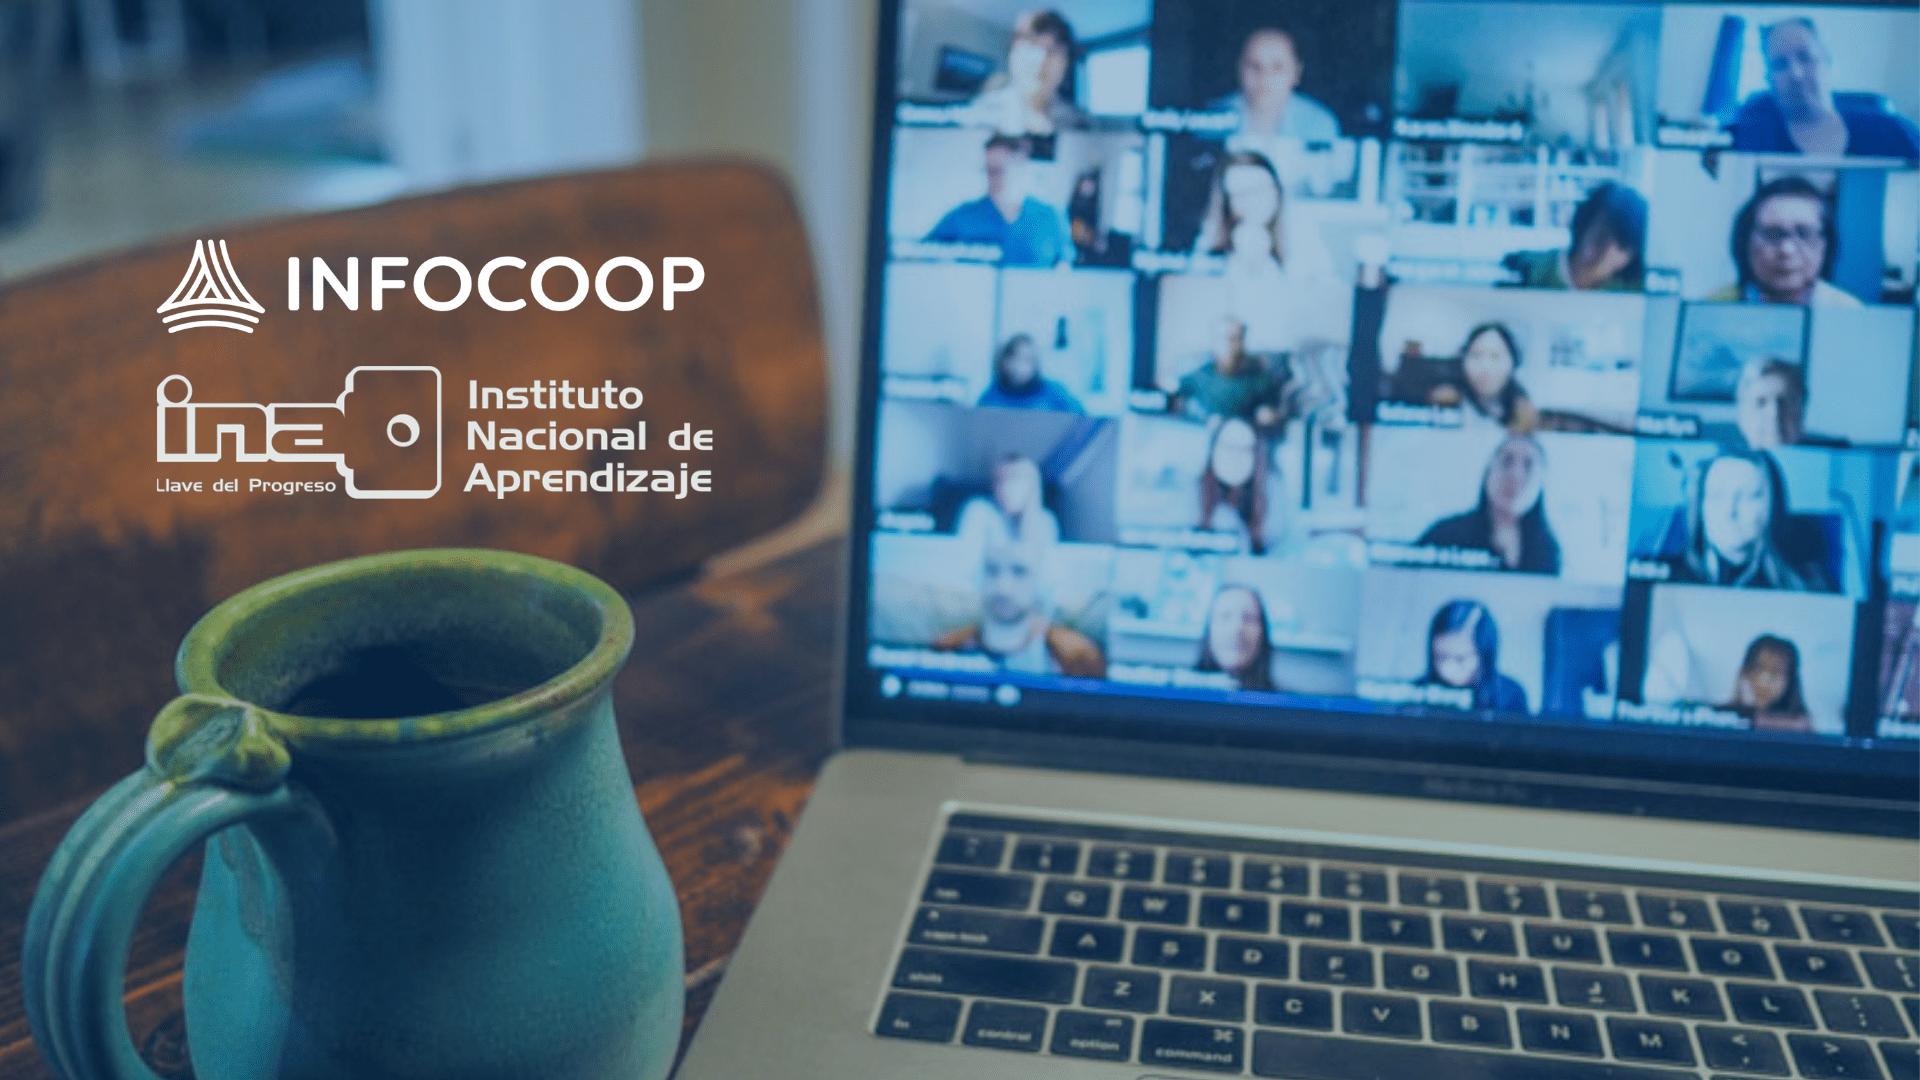 Cooperativistas Se Beneficiaran De Cursos Del Ina Infocoop